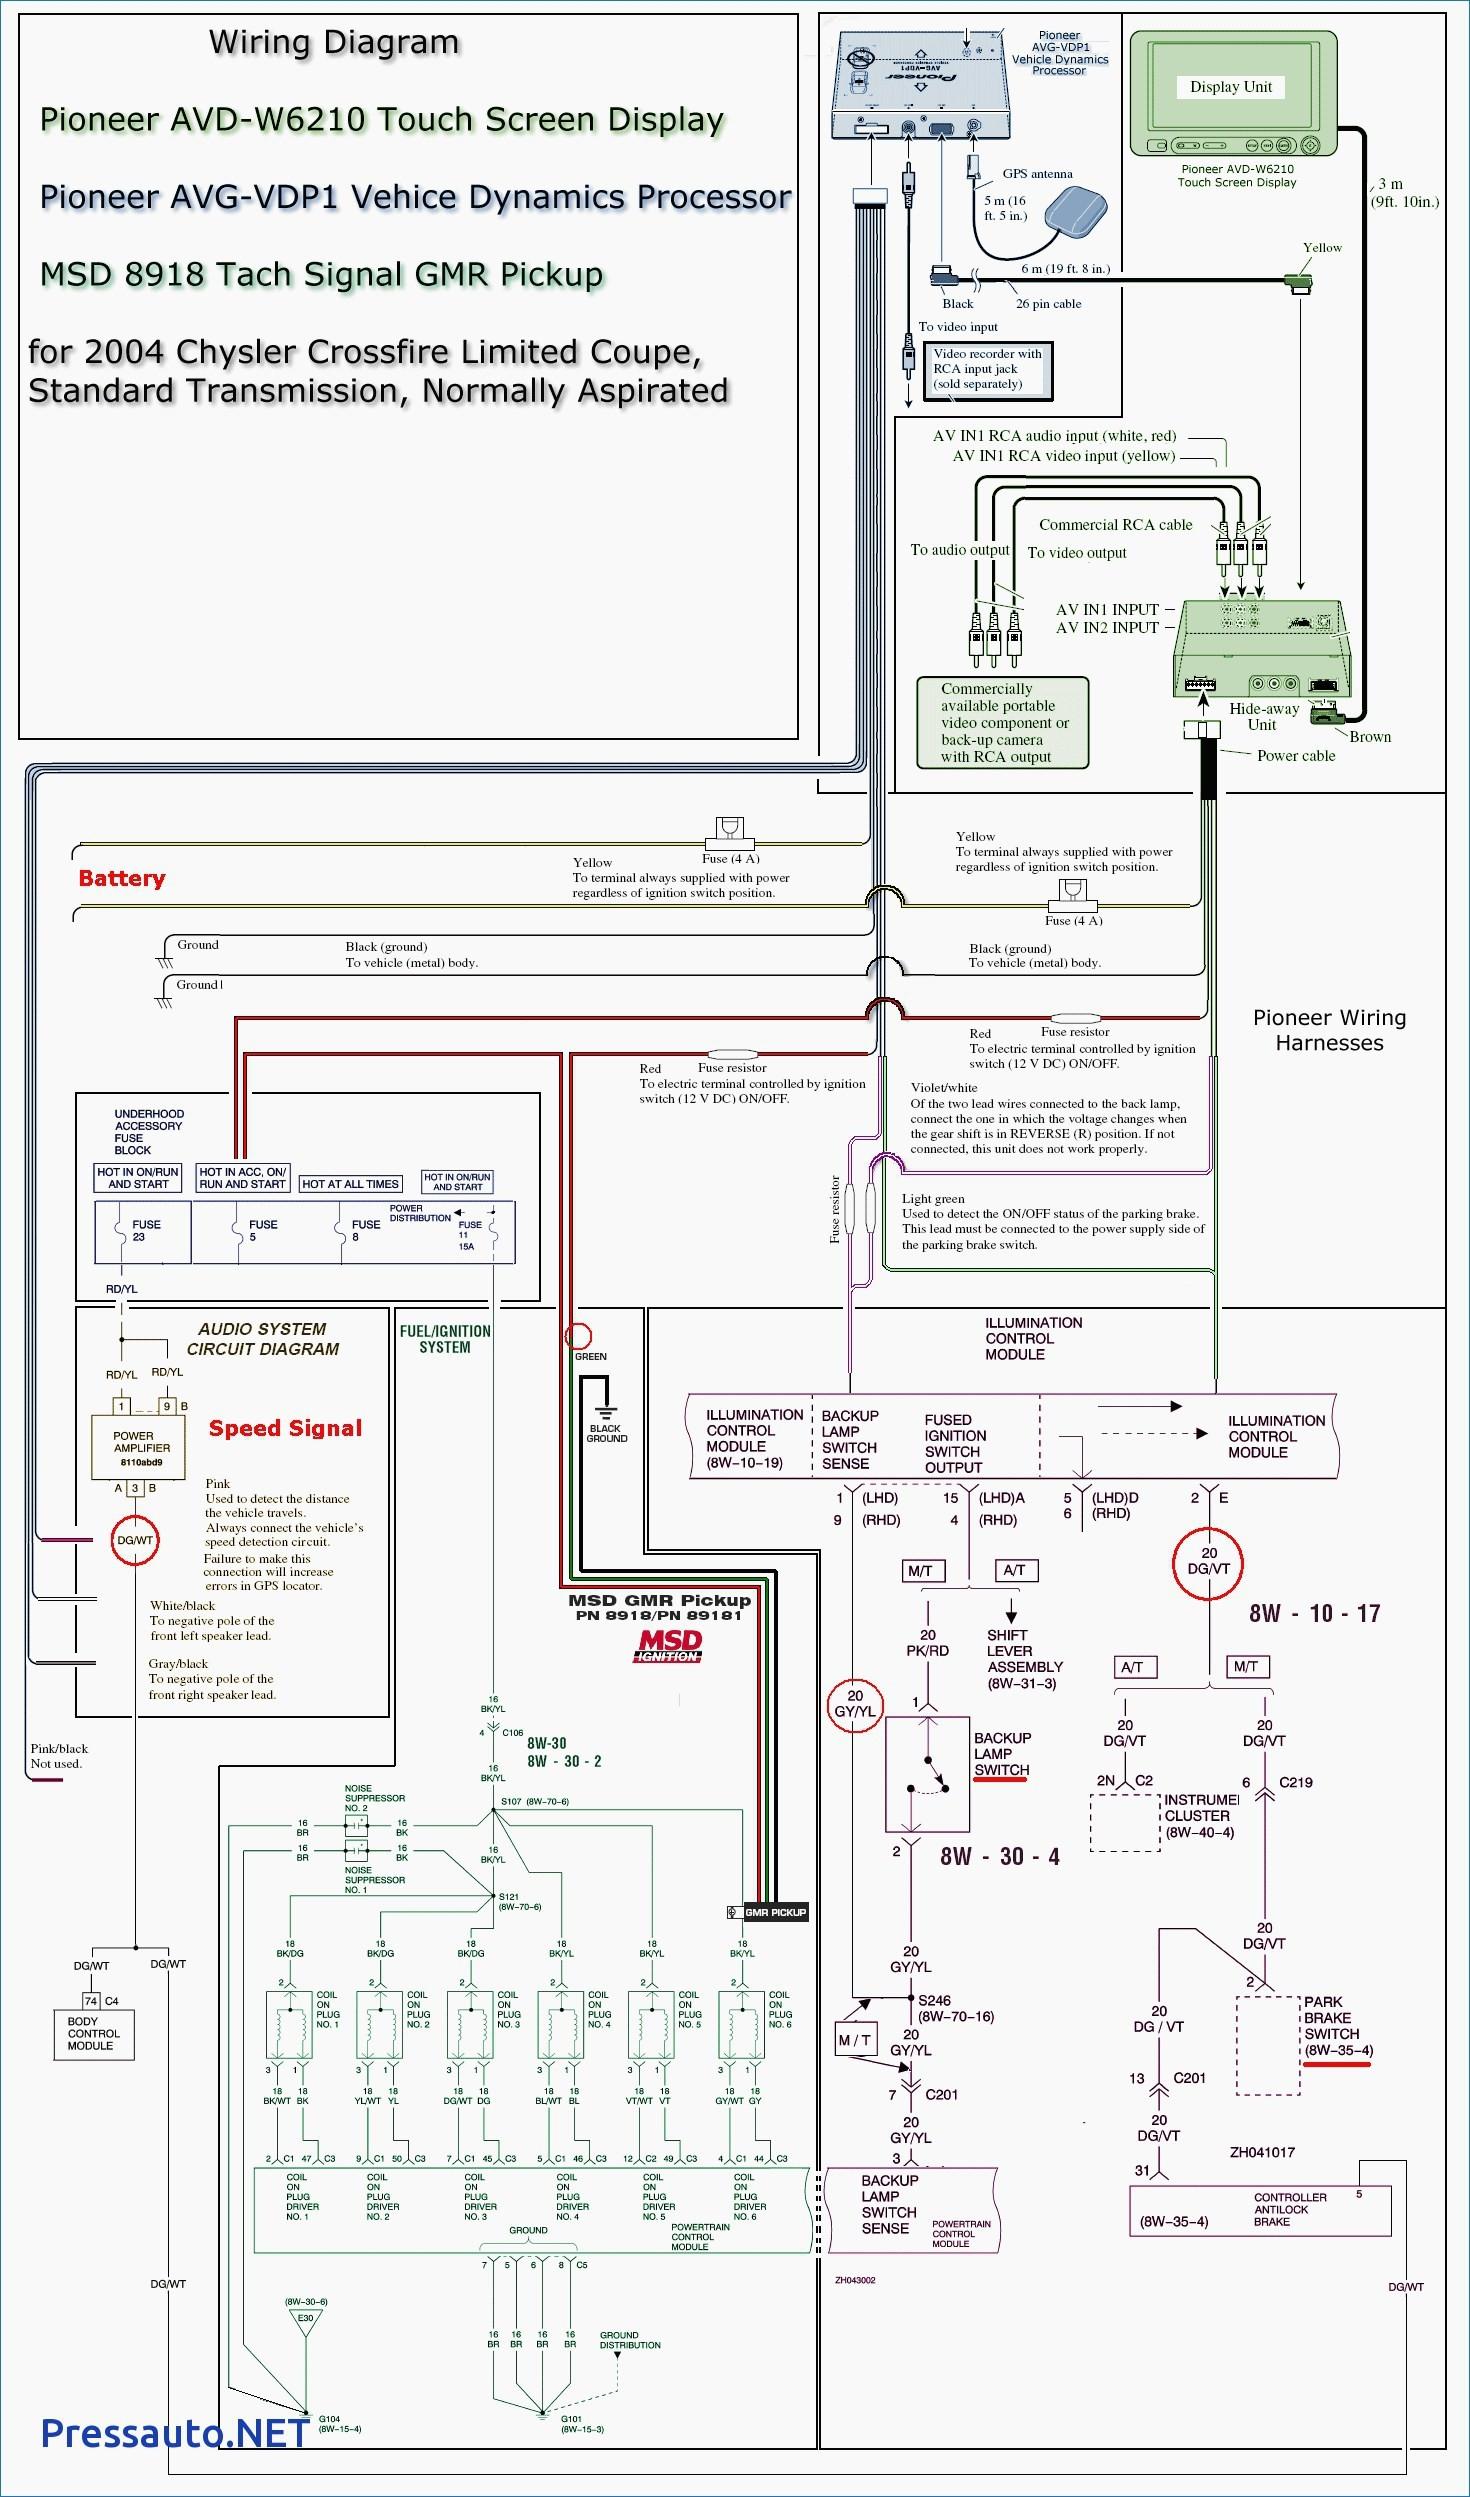 Steering Wheel Radio Controls Wiring Diagram Fresh Nice Vm9311ts Wiring Diagram Pinout S Electrical Circuit